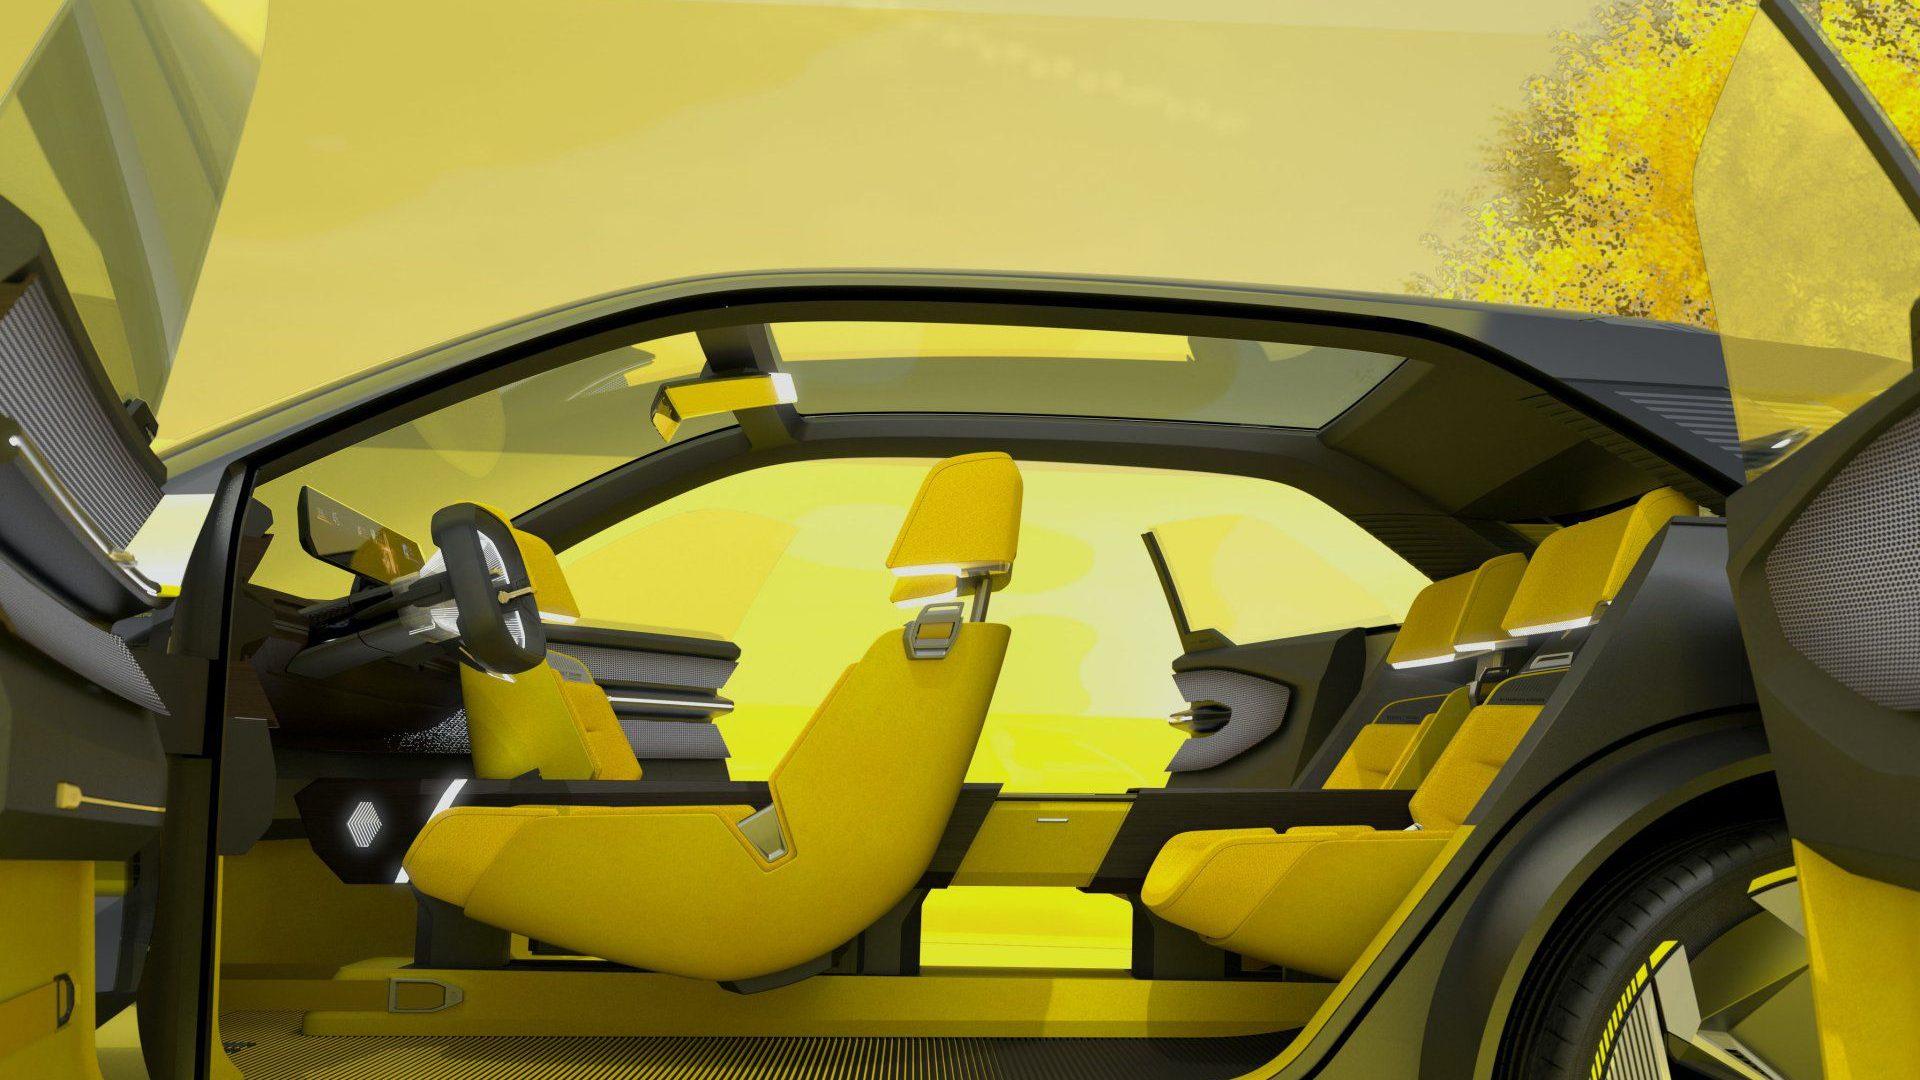 2020-Renault-Morphoz-Concept-033